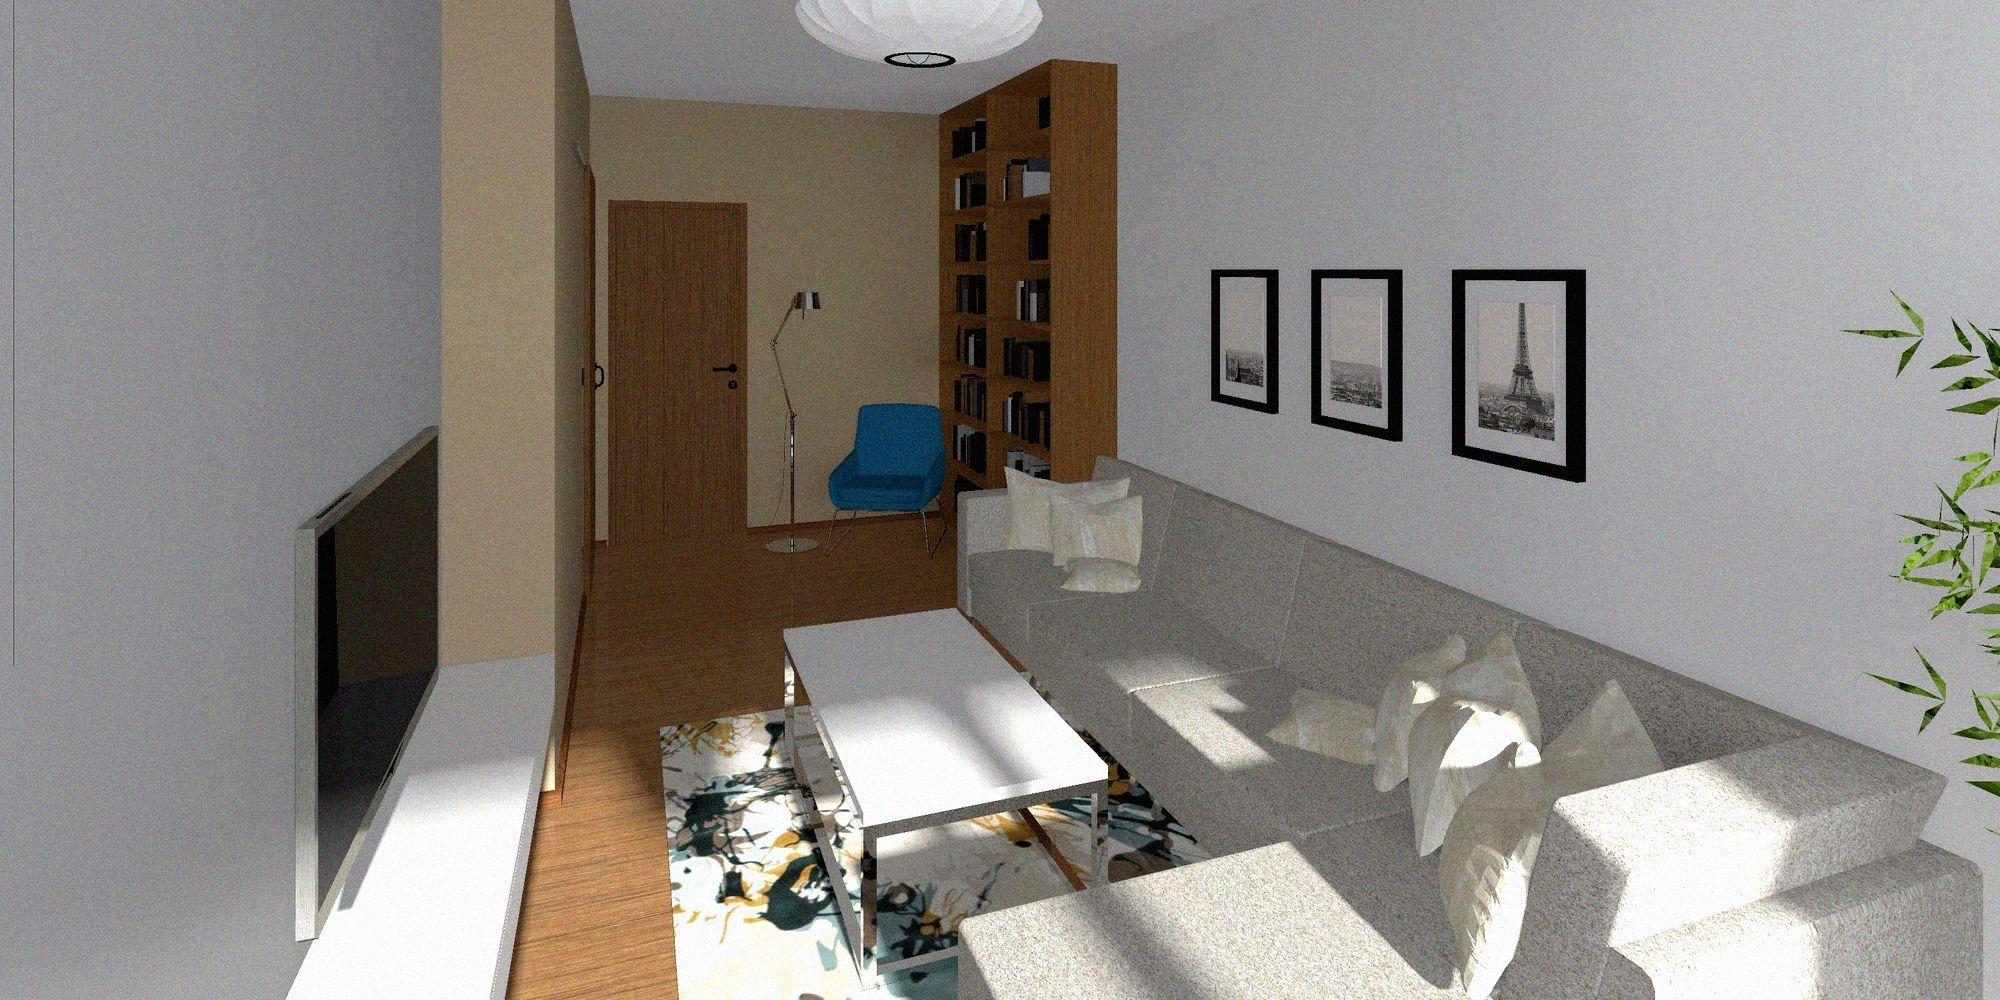 Rekonstrukce bytu v panelovém domě - image